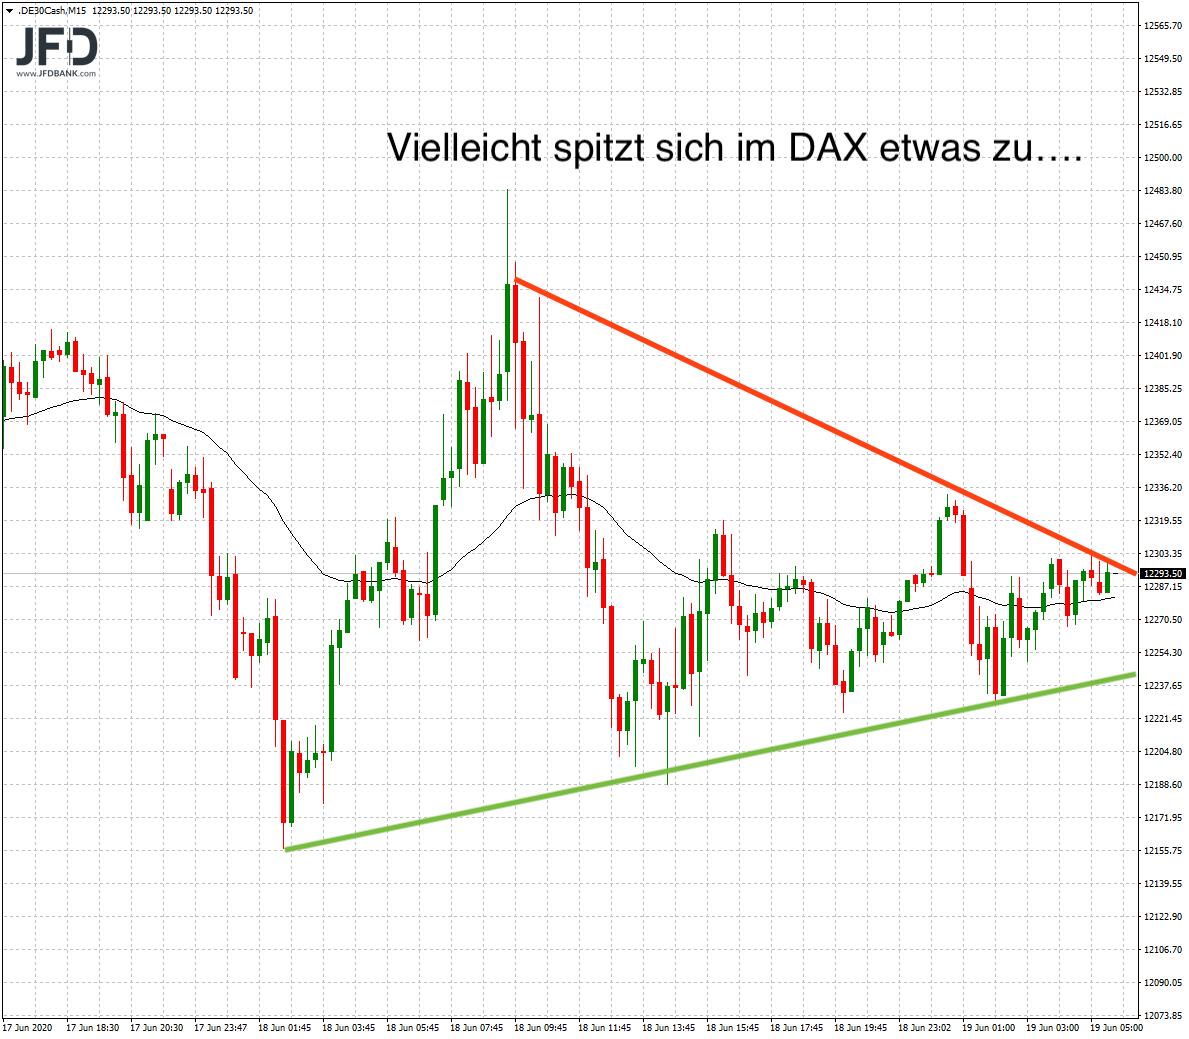 DAX-Trading-am-Hexensabbat-eine-gute-Idee-Kommentar-JFD-Bank-GodmodeTrader.de-7